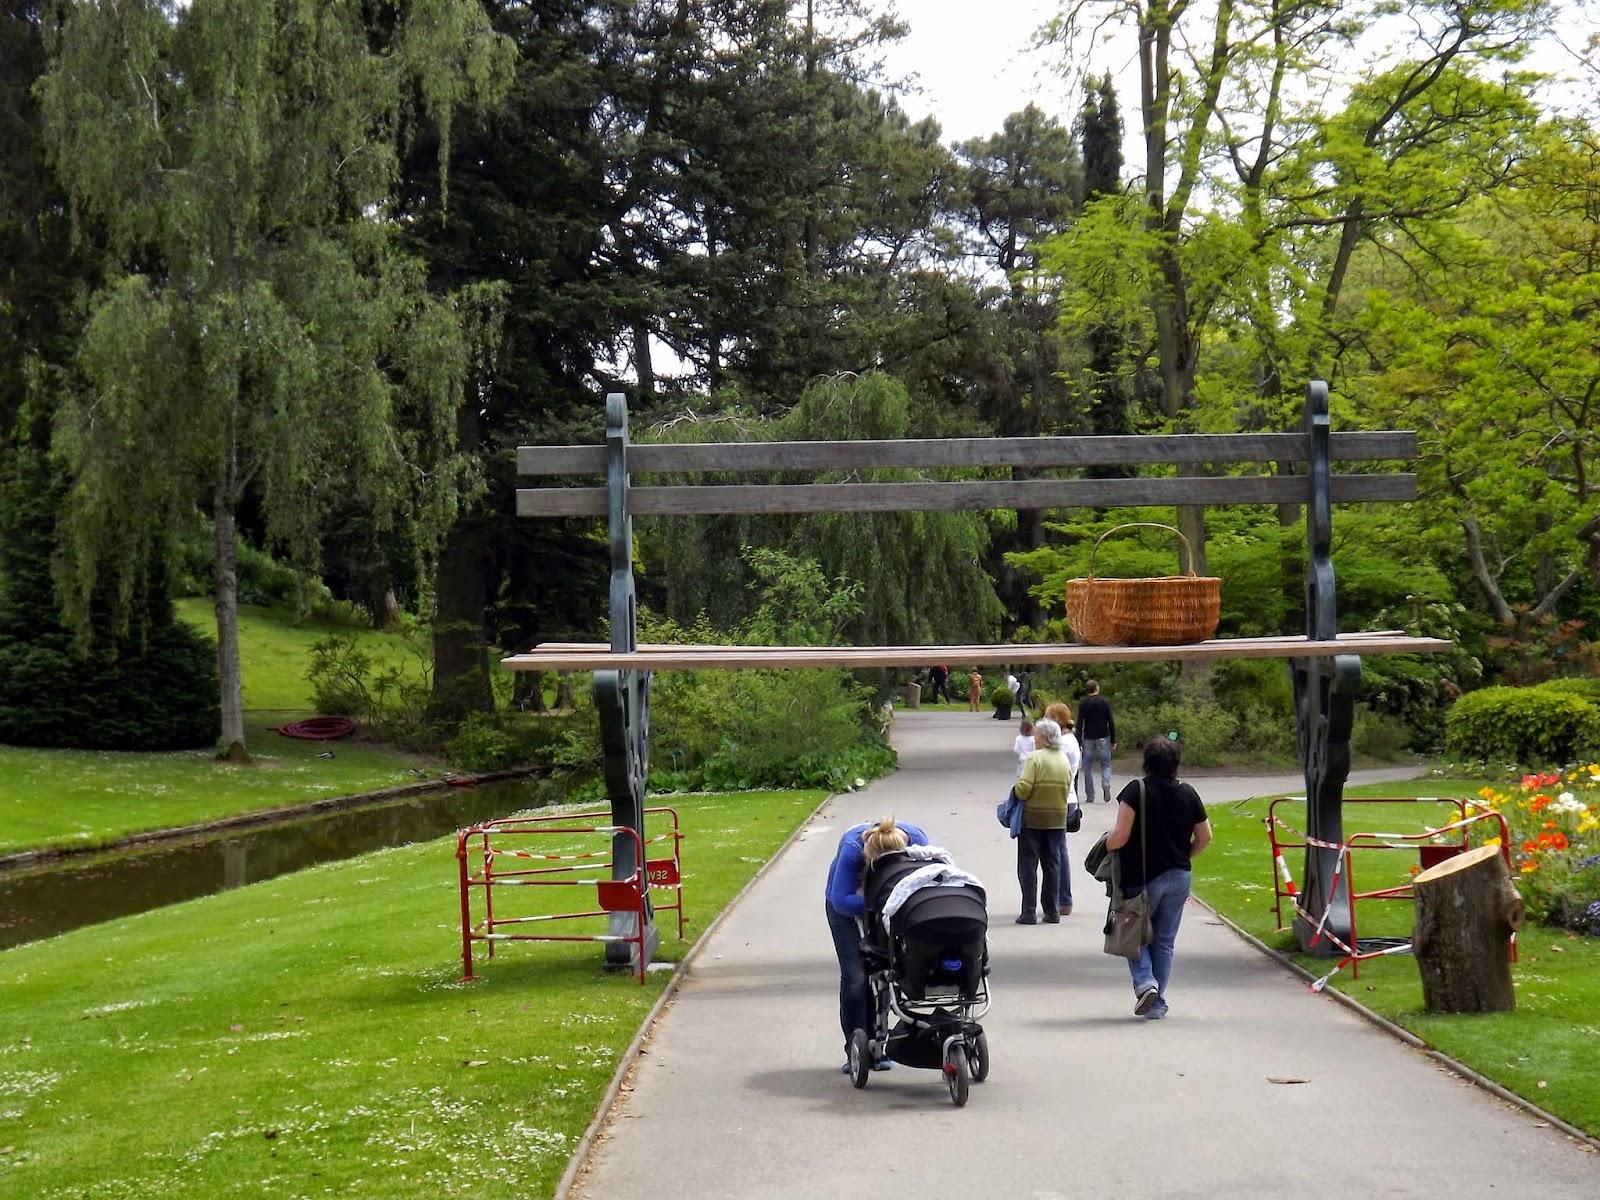 Banc géant jardin des plantes Nantes | Détours de France.